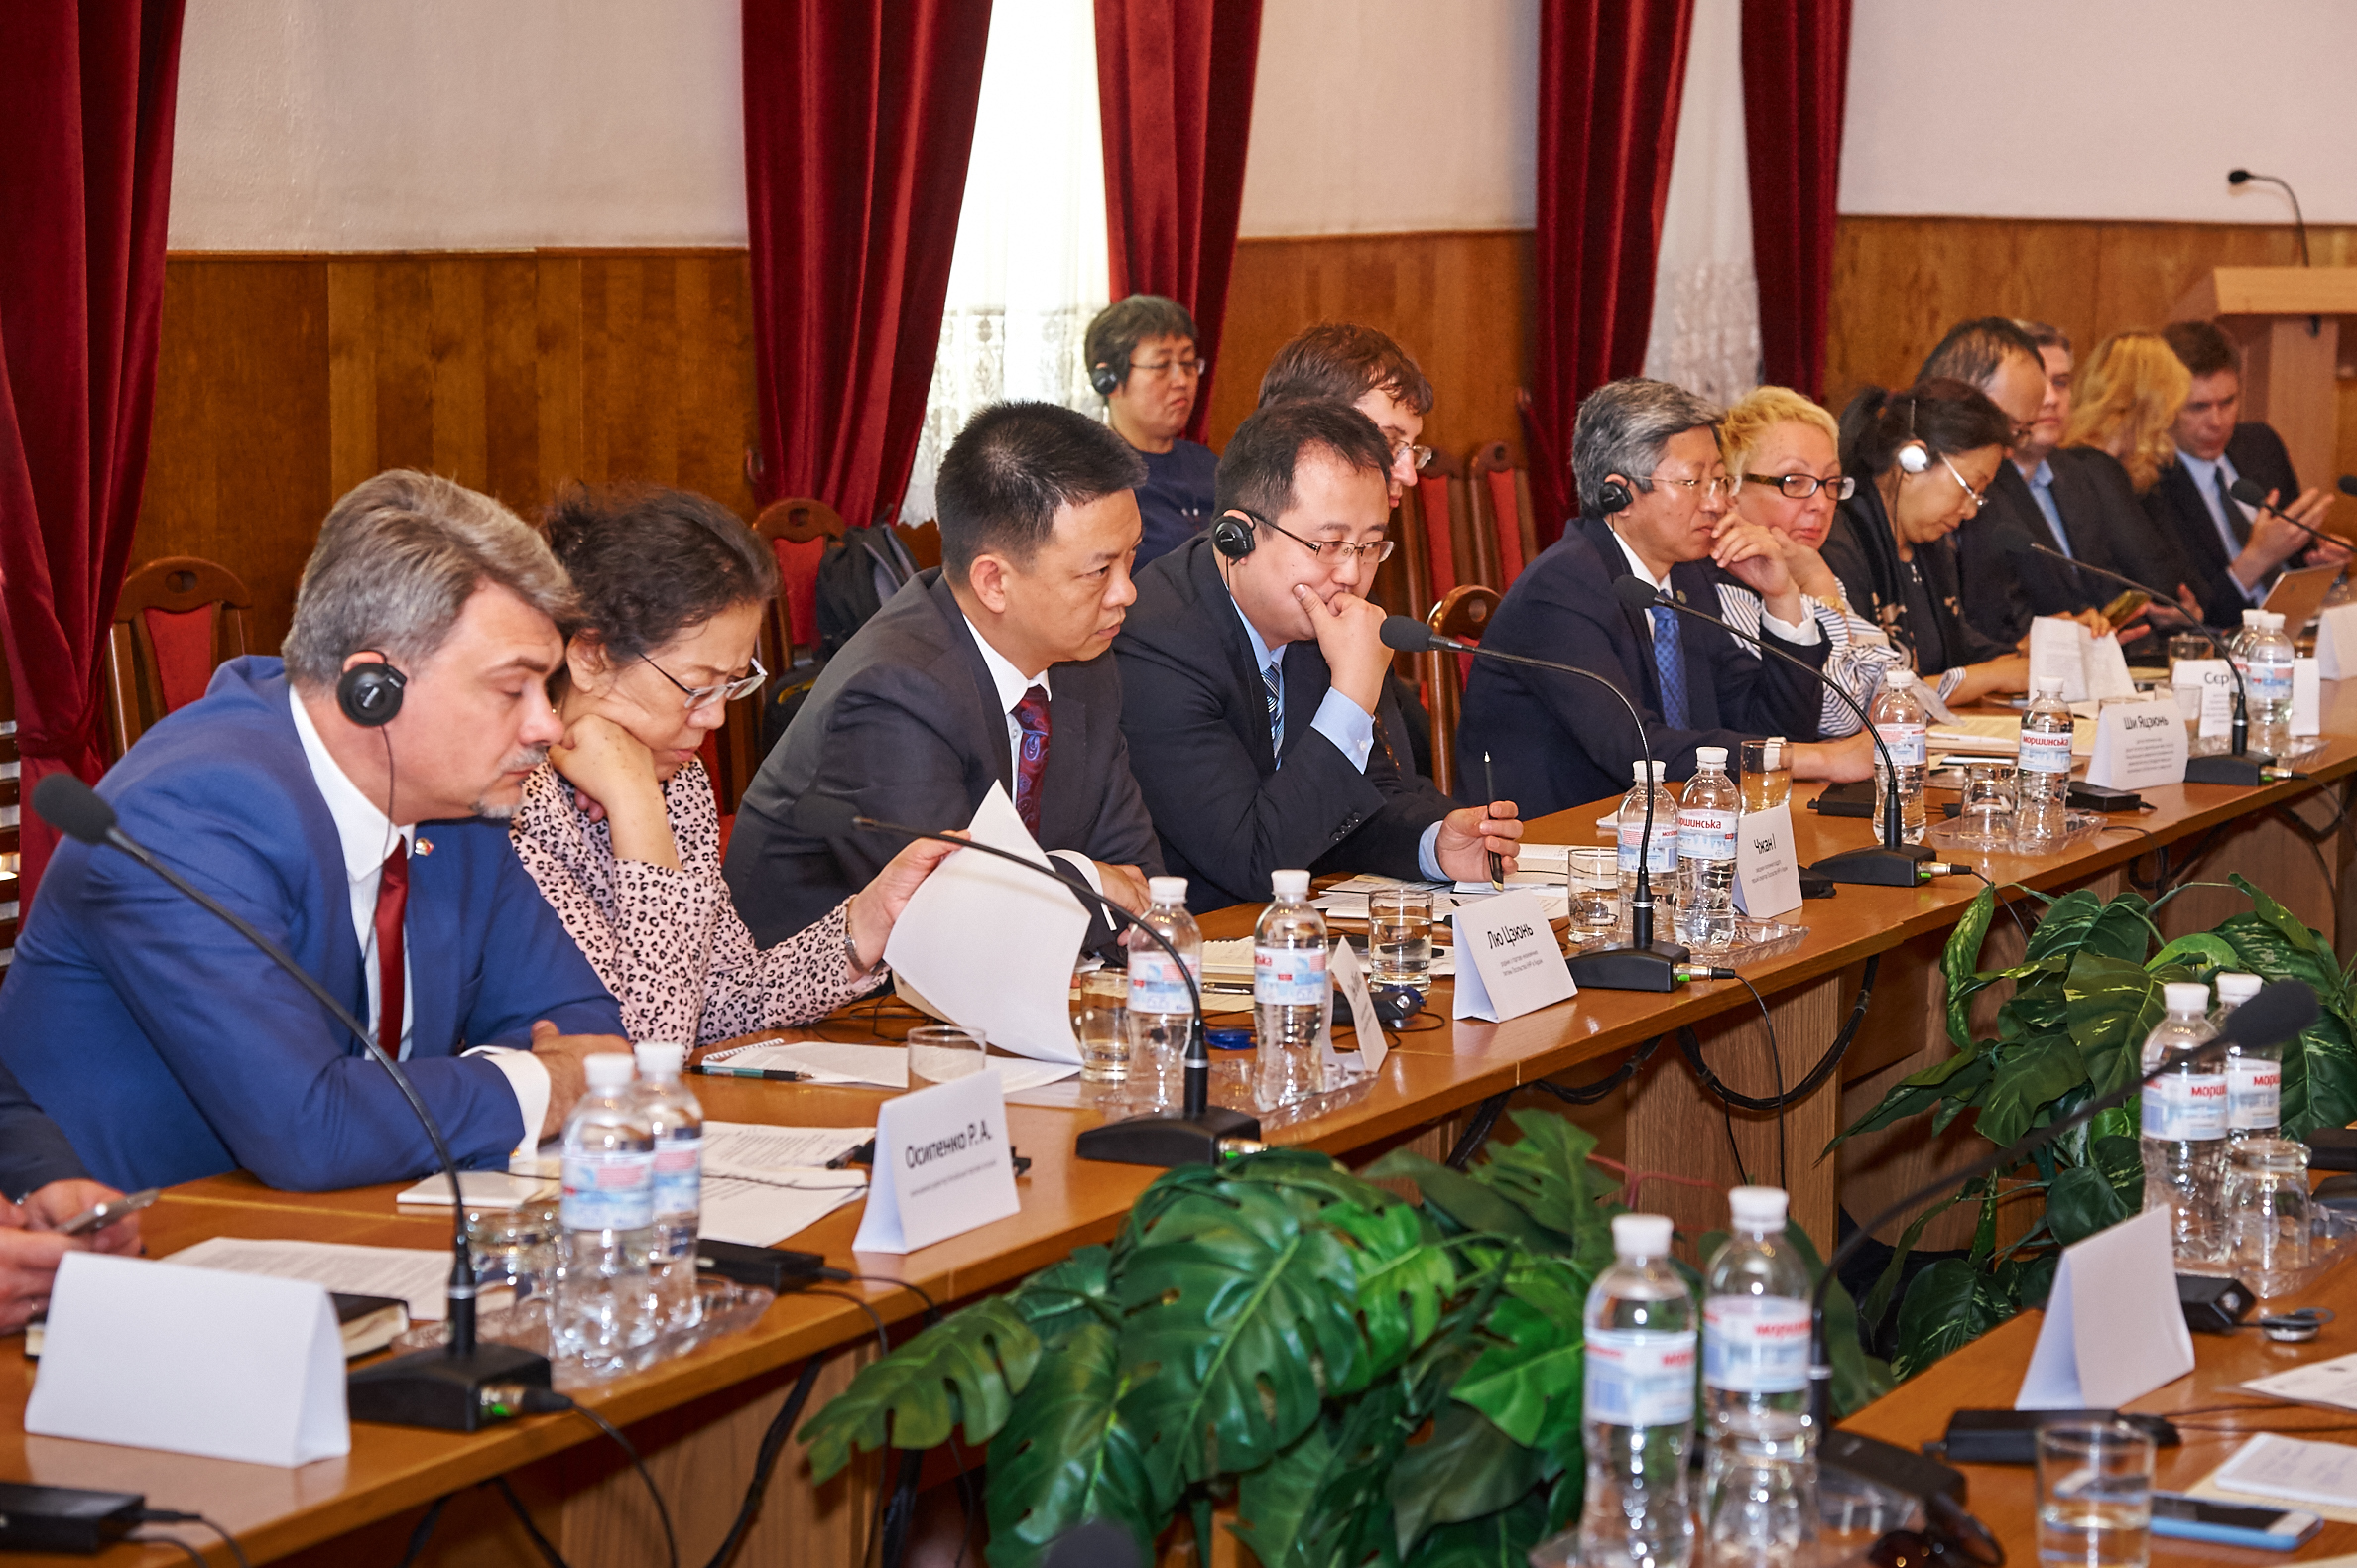 Центральними темами дискусії на Форумі стали  стратегічне партнерство  України та Китаю b21b4e1dfc80d